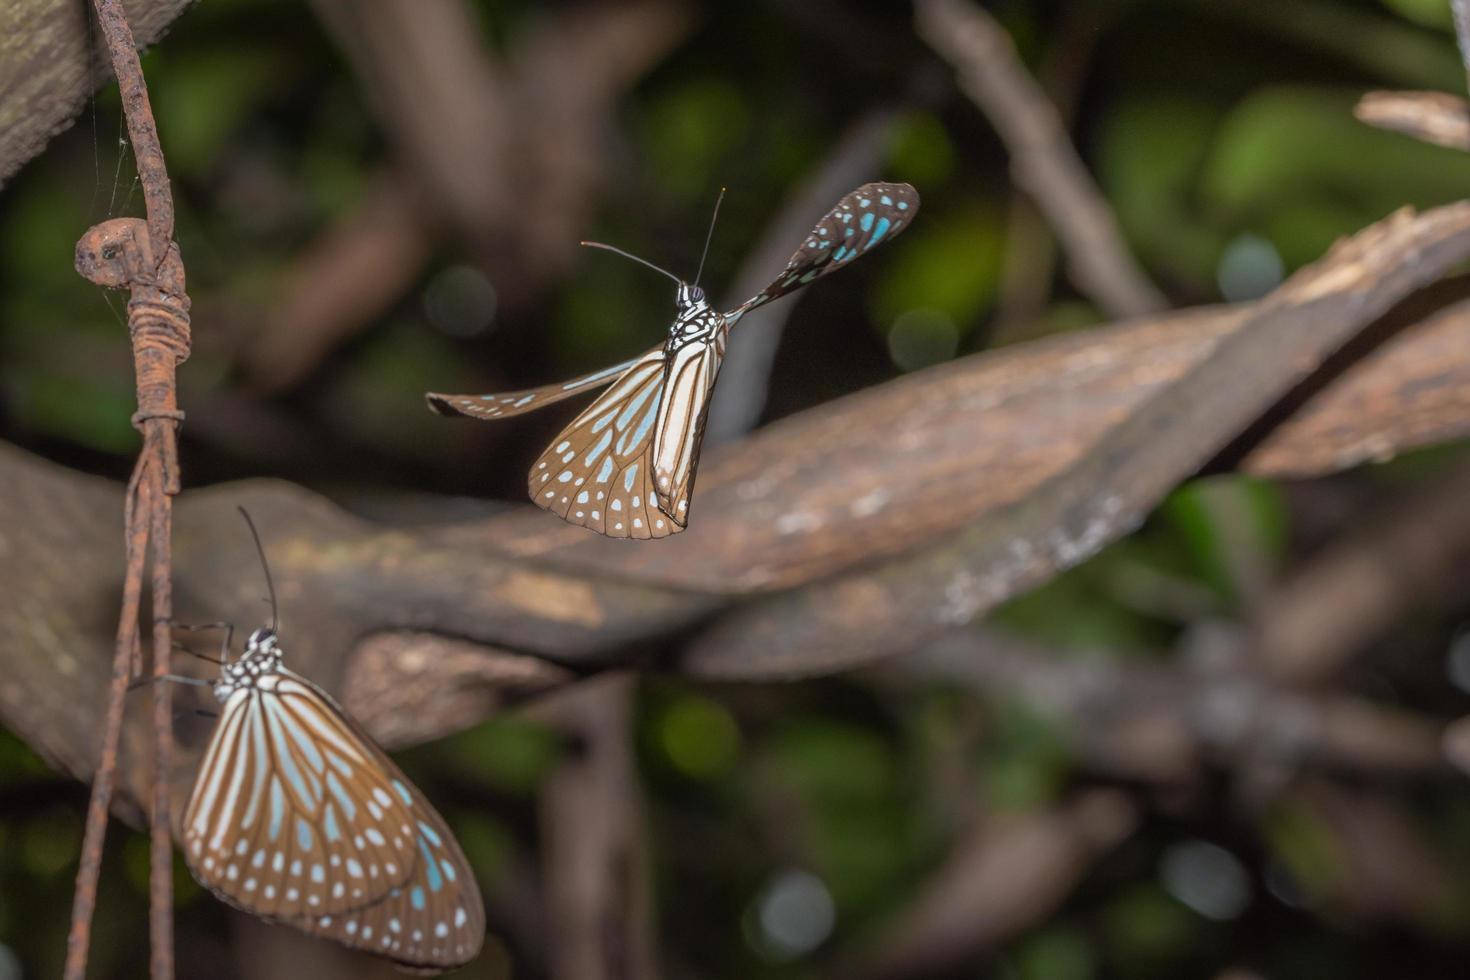 mariposas en la naturaleza foto